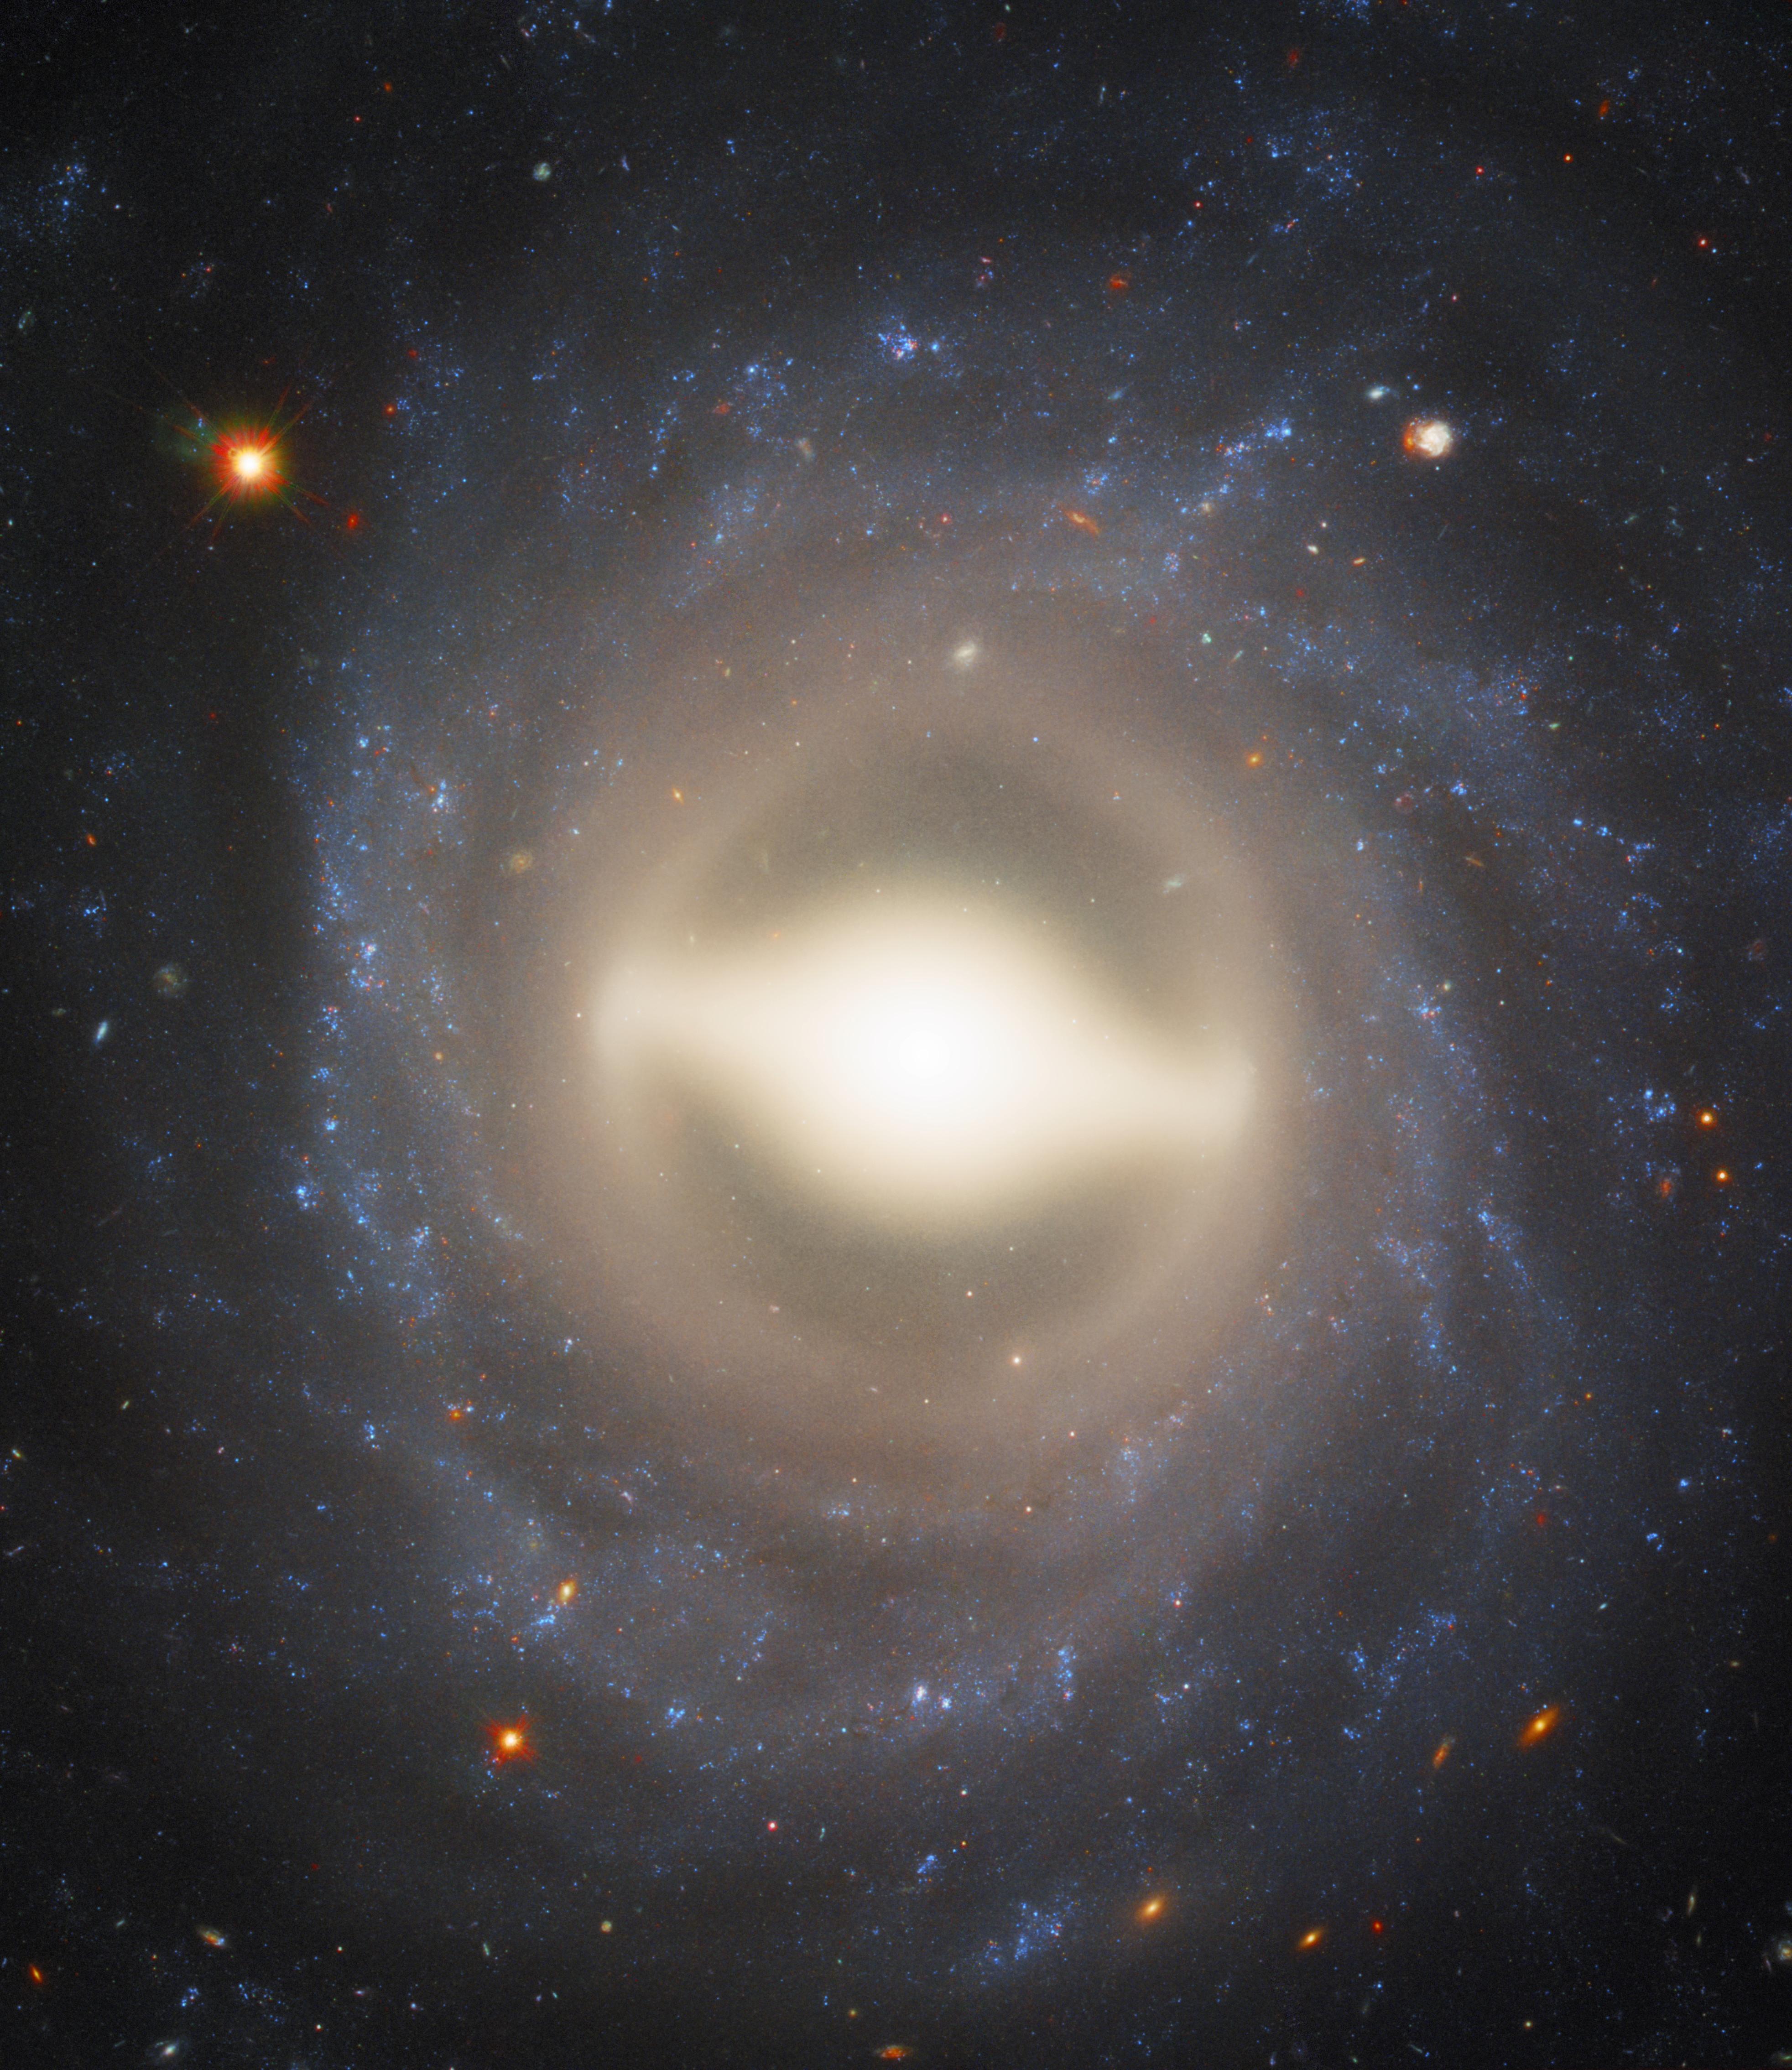 «Хаббл» отыскал мертвую галактику около Млечного Пути